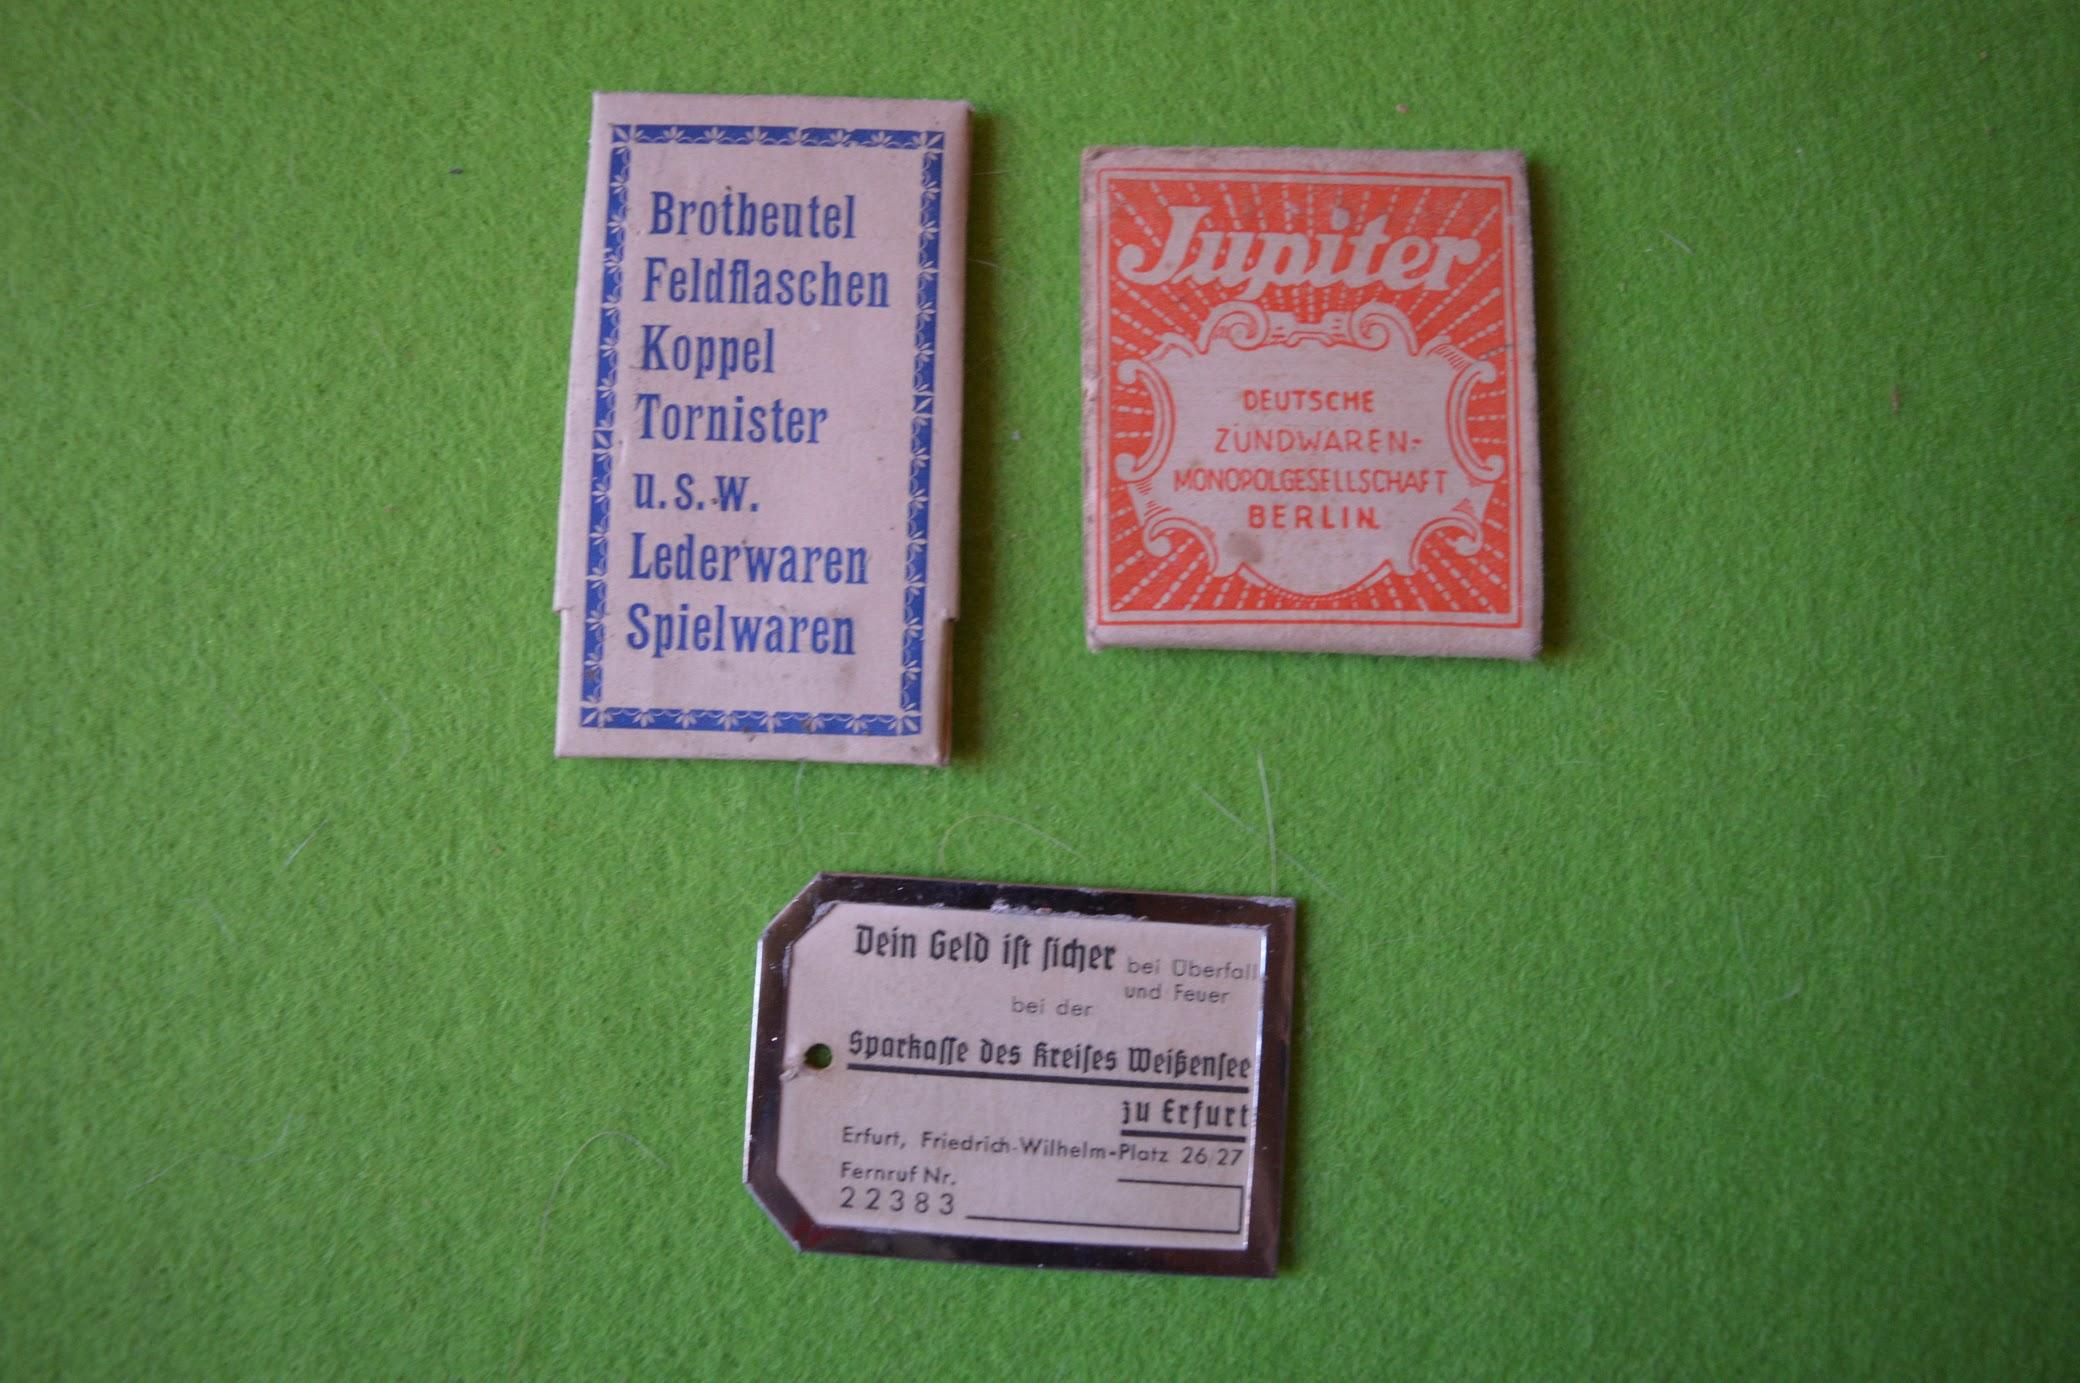 Zahnstocher mit Werbung für Hintze & Venth, Erfurt, Neuestraße 13; Jupiter Streichhölzer der Deutschen Zündwaren-Monopolgesellschaft Berlin; Anhänger der Sparkasse Erfurt